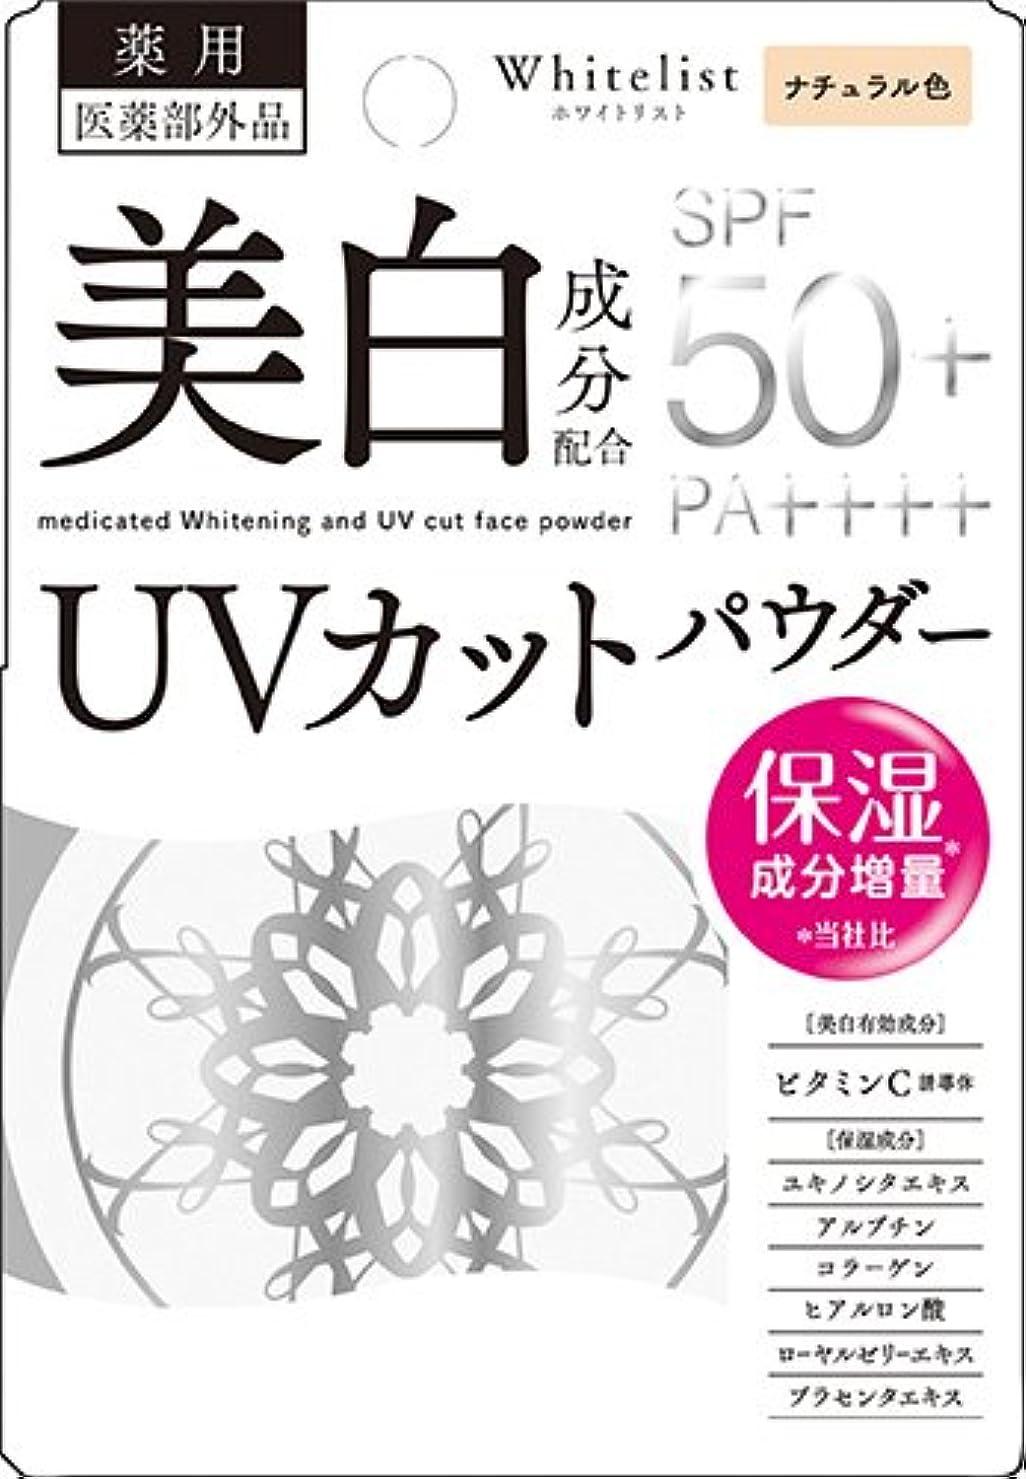 極地読書上院NUPホワイトリスト 薬用ホワイトニングUVカットパウダーEX (SPF50+ PA++++) 9g